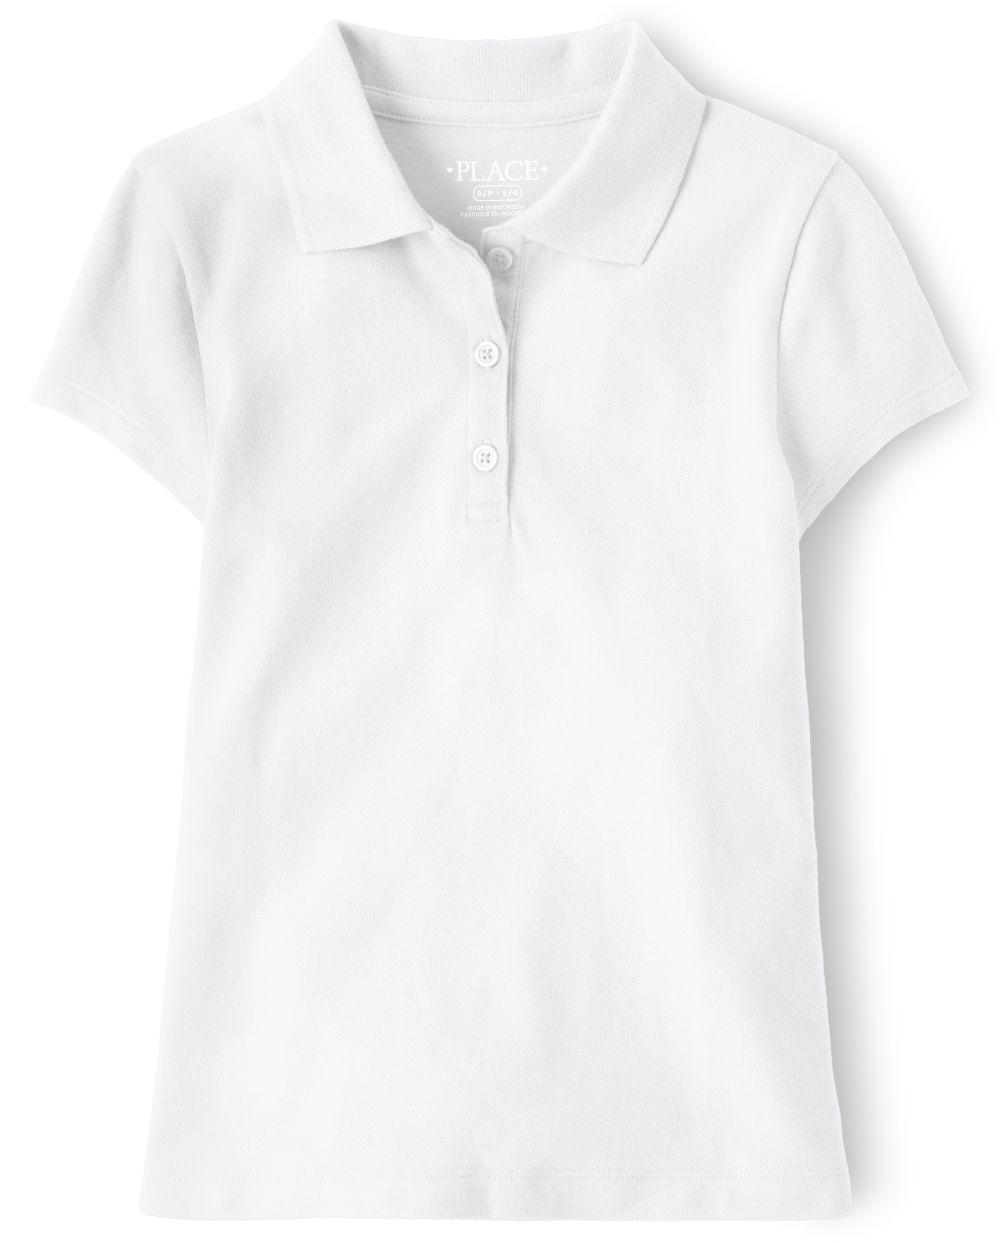 Compare Girls Uniform Pique Polo